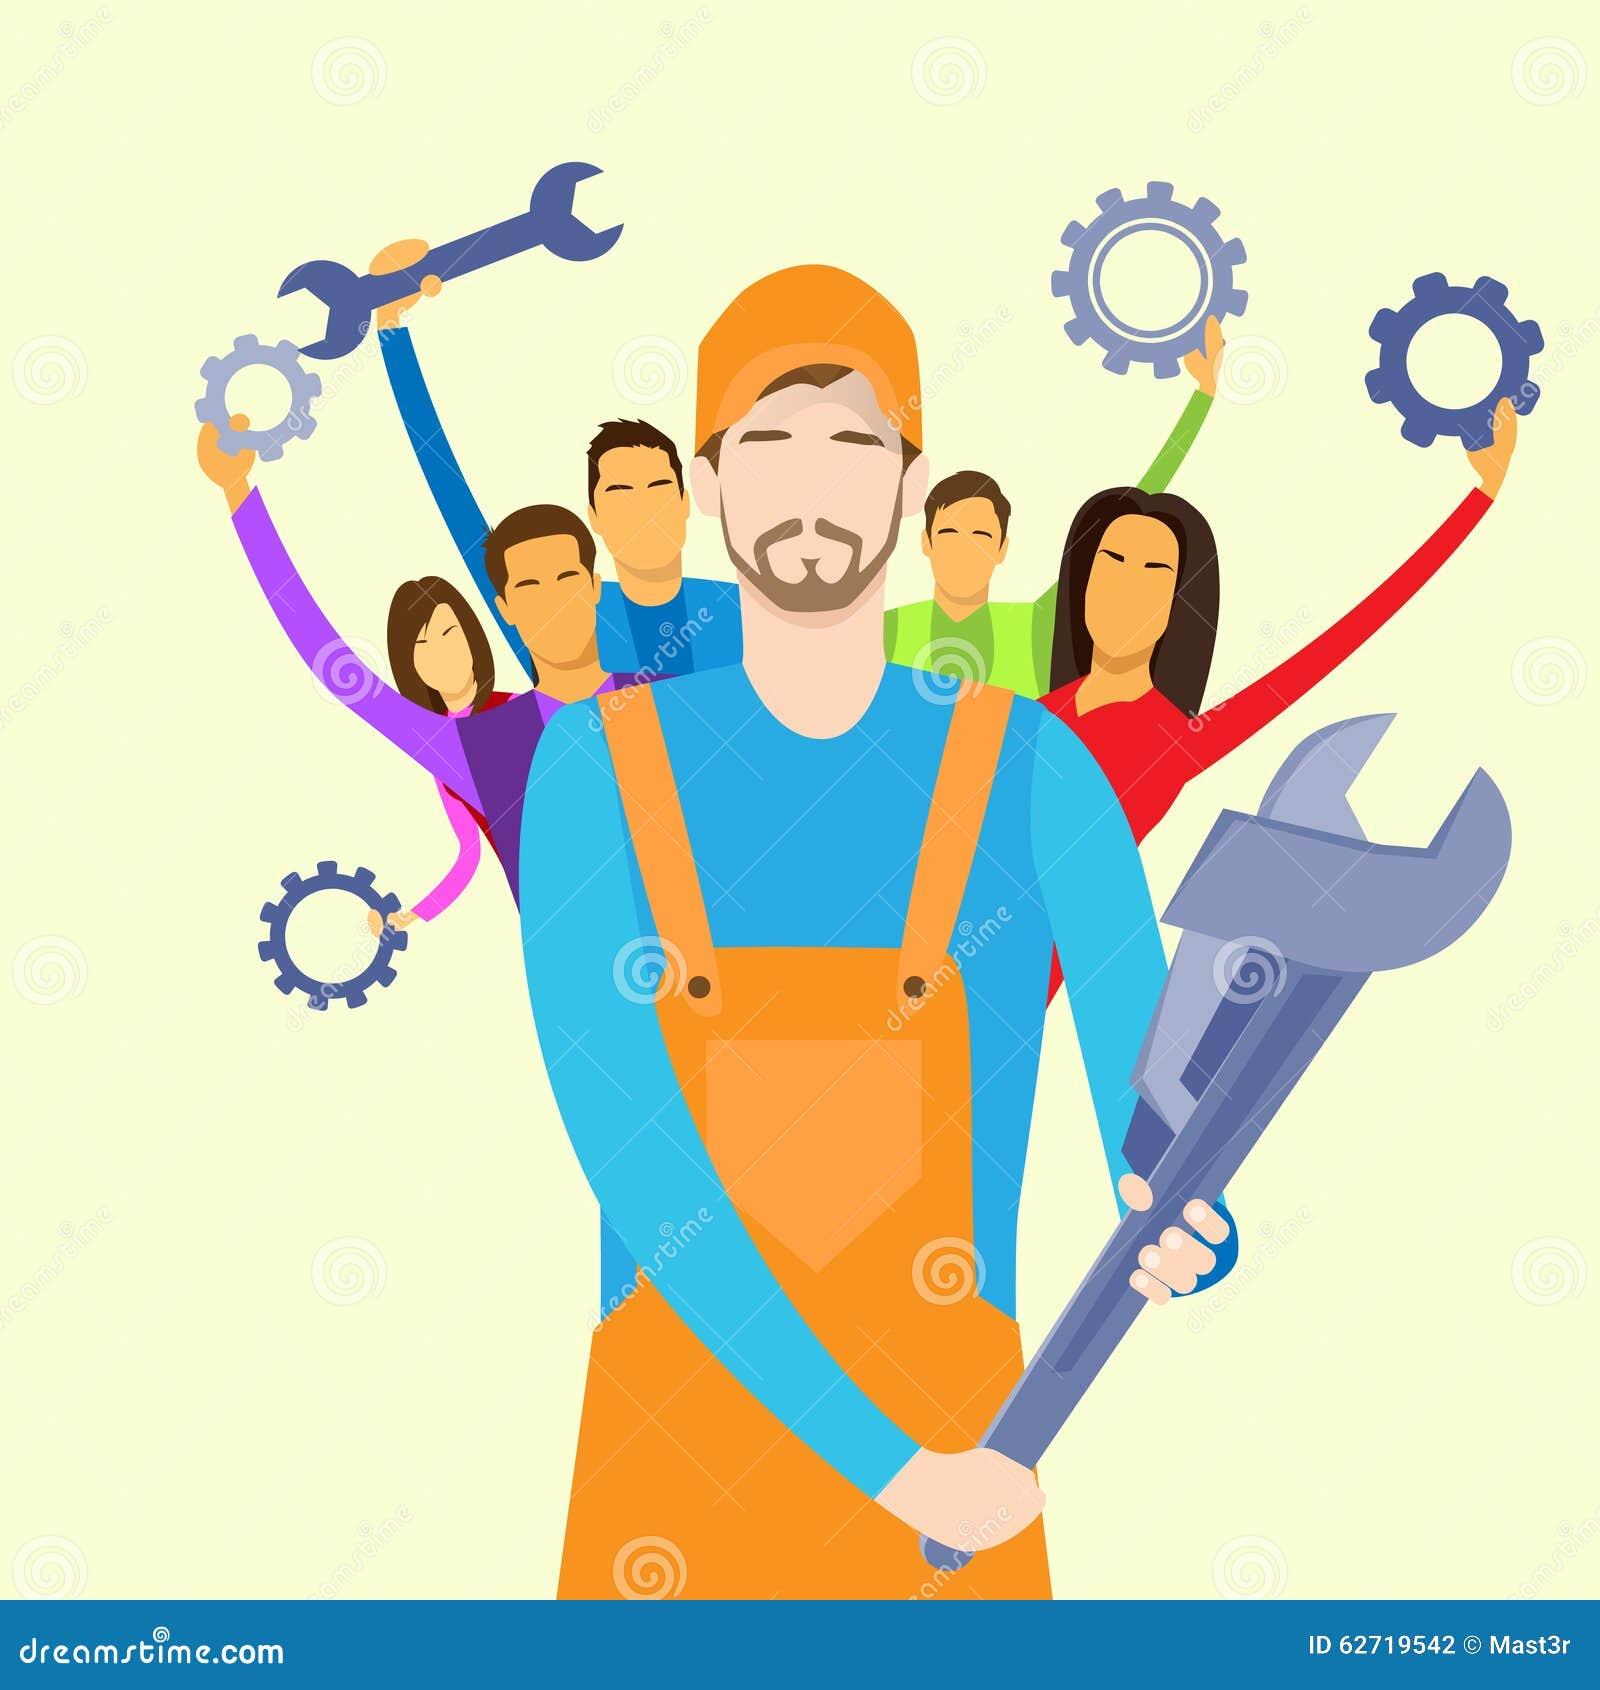 Οι άνθρωποι ομαδοποιούν τη λαβή ομάδας τεχνικής υποστήριξης υπηρεσιών